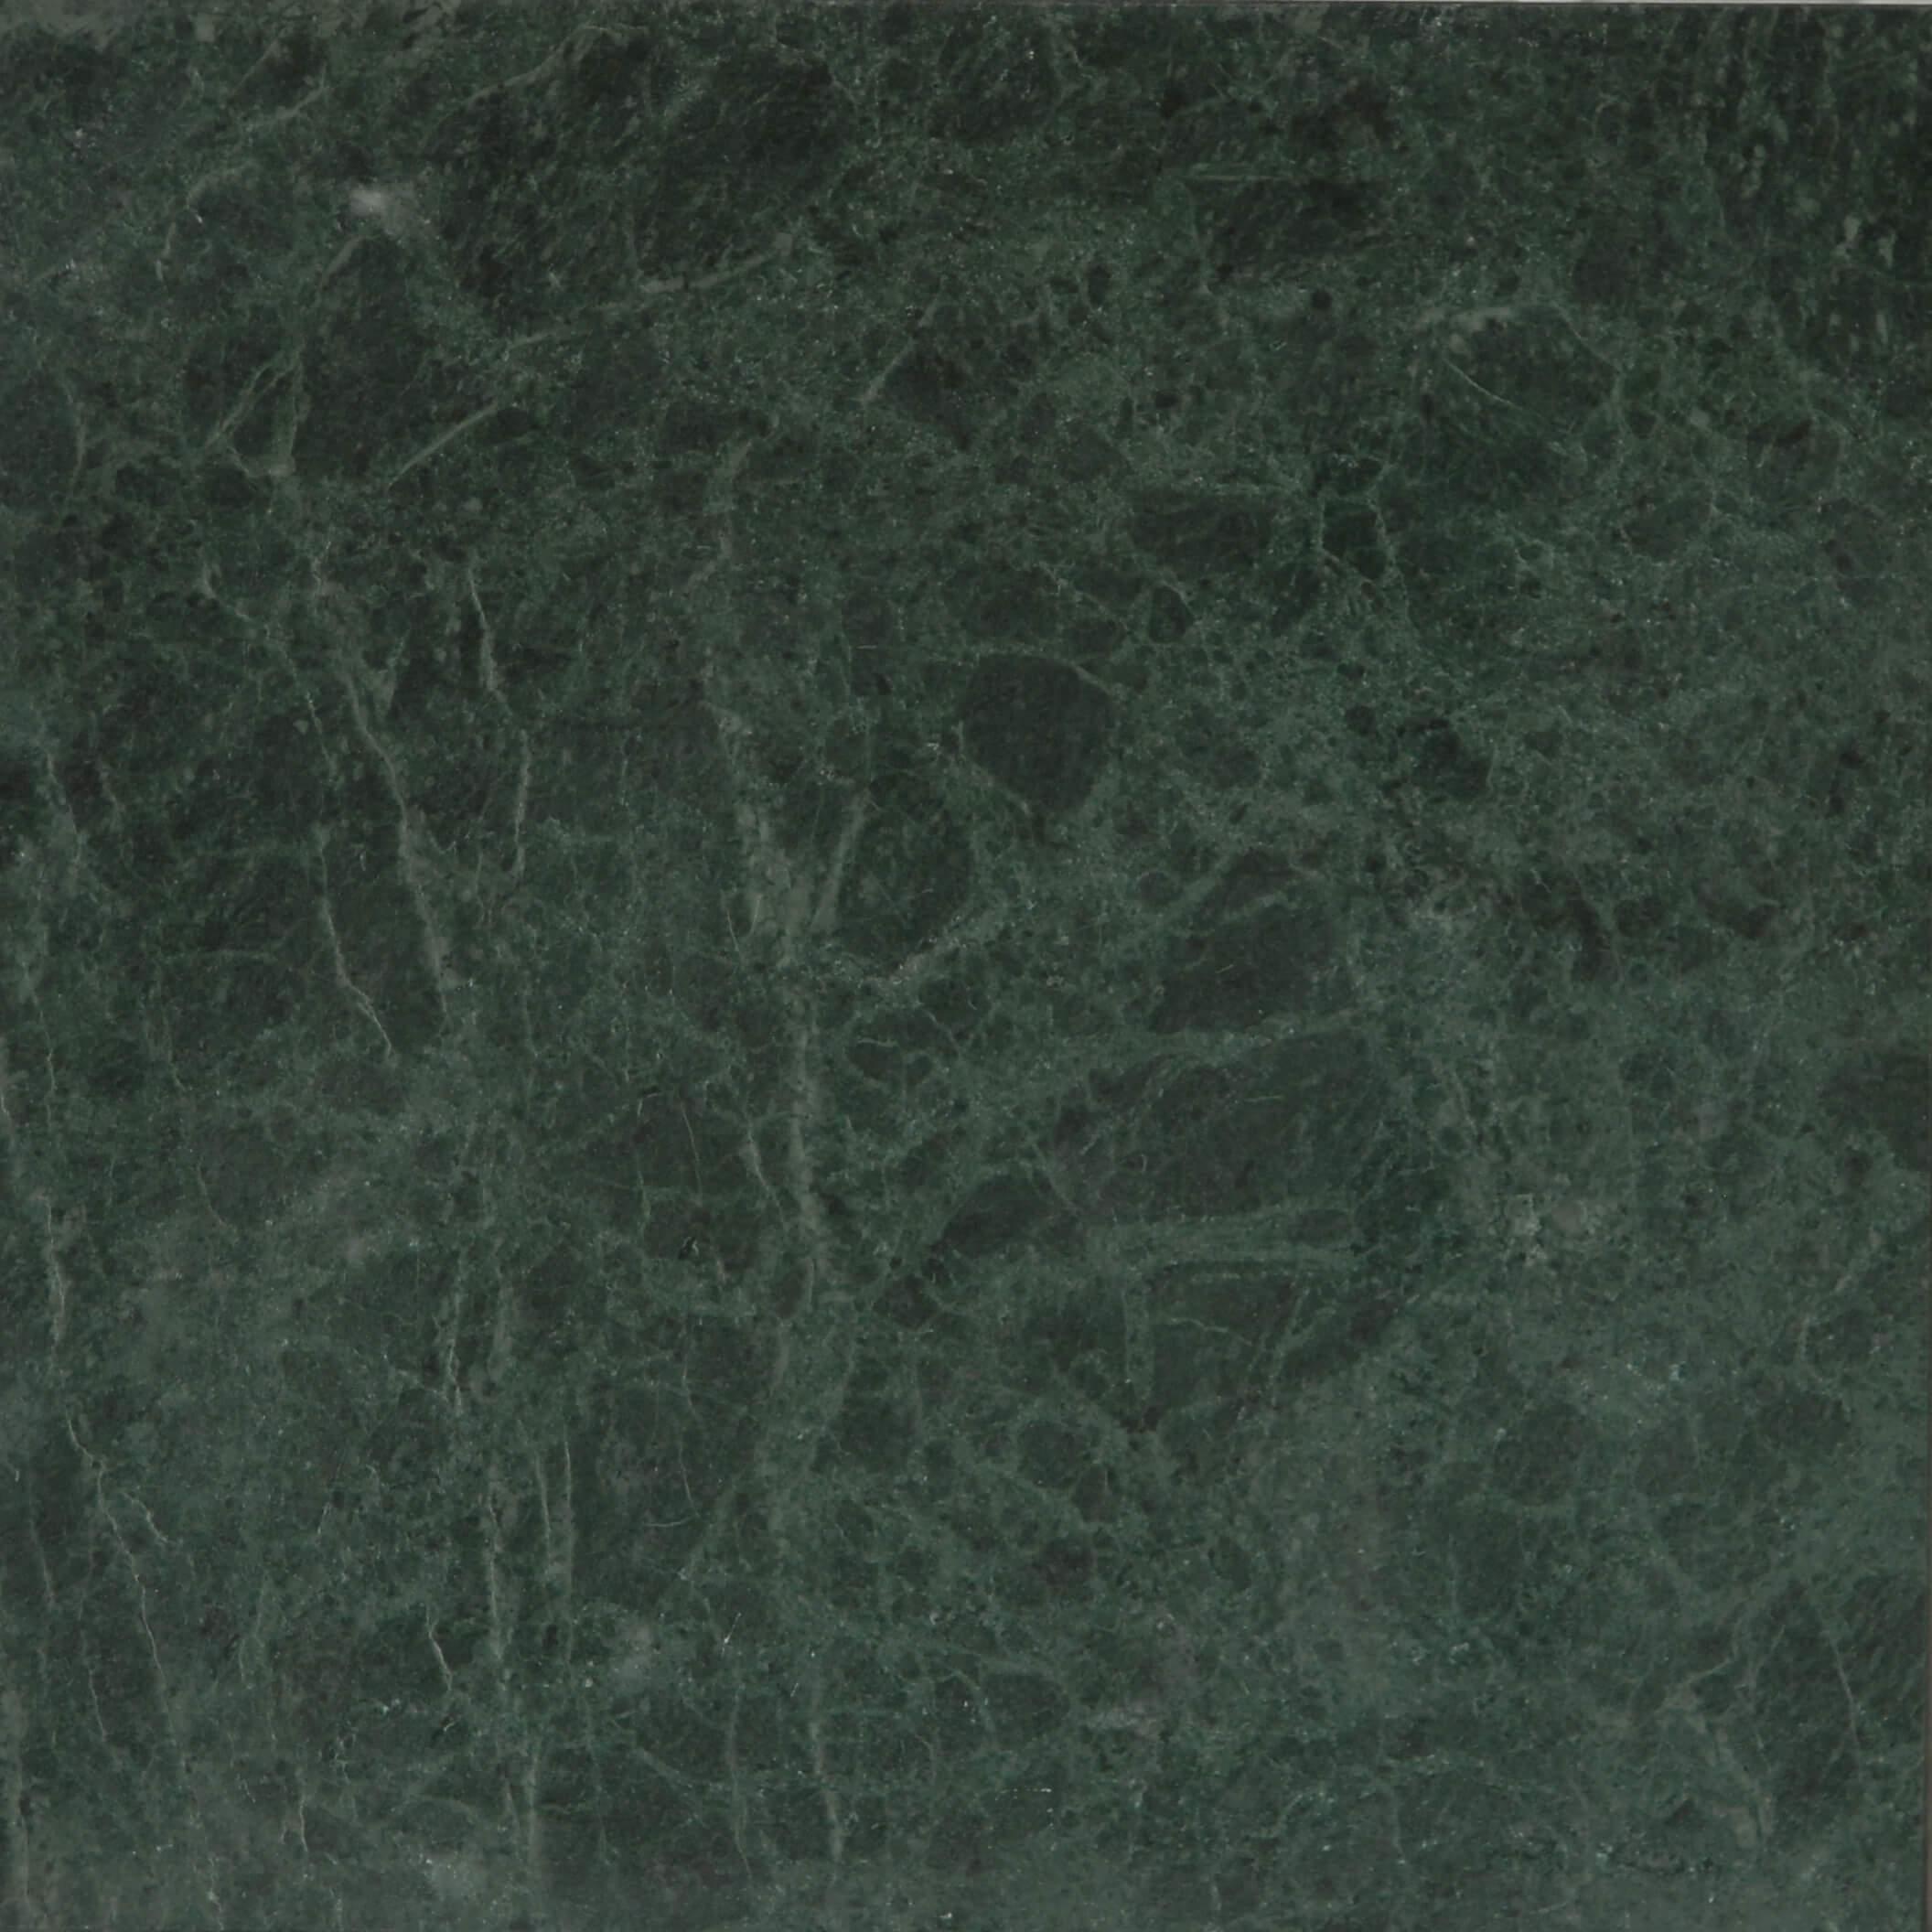 pavimenti-e-rivestimenti-in-marmo-per-interni